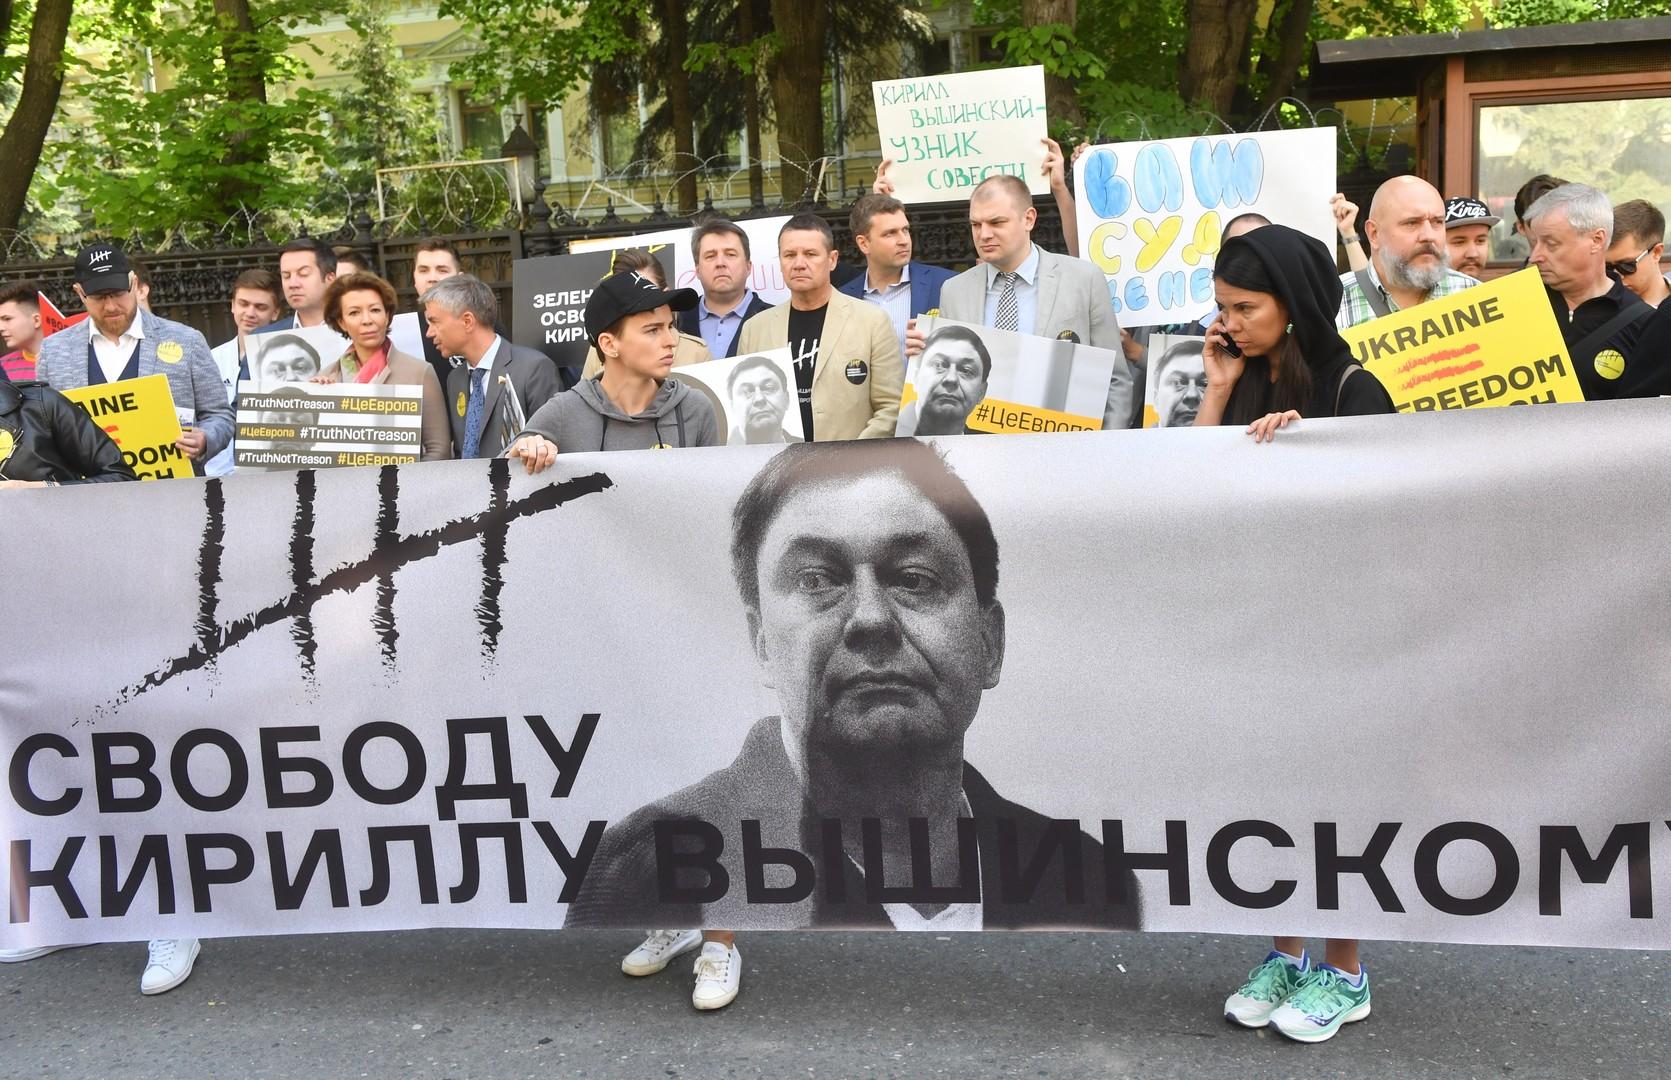 Das Schweigen der Menschenrechtler: Russischer Journalist seit einem Jahr in ukrainischer U-Haft